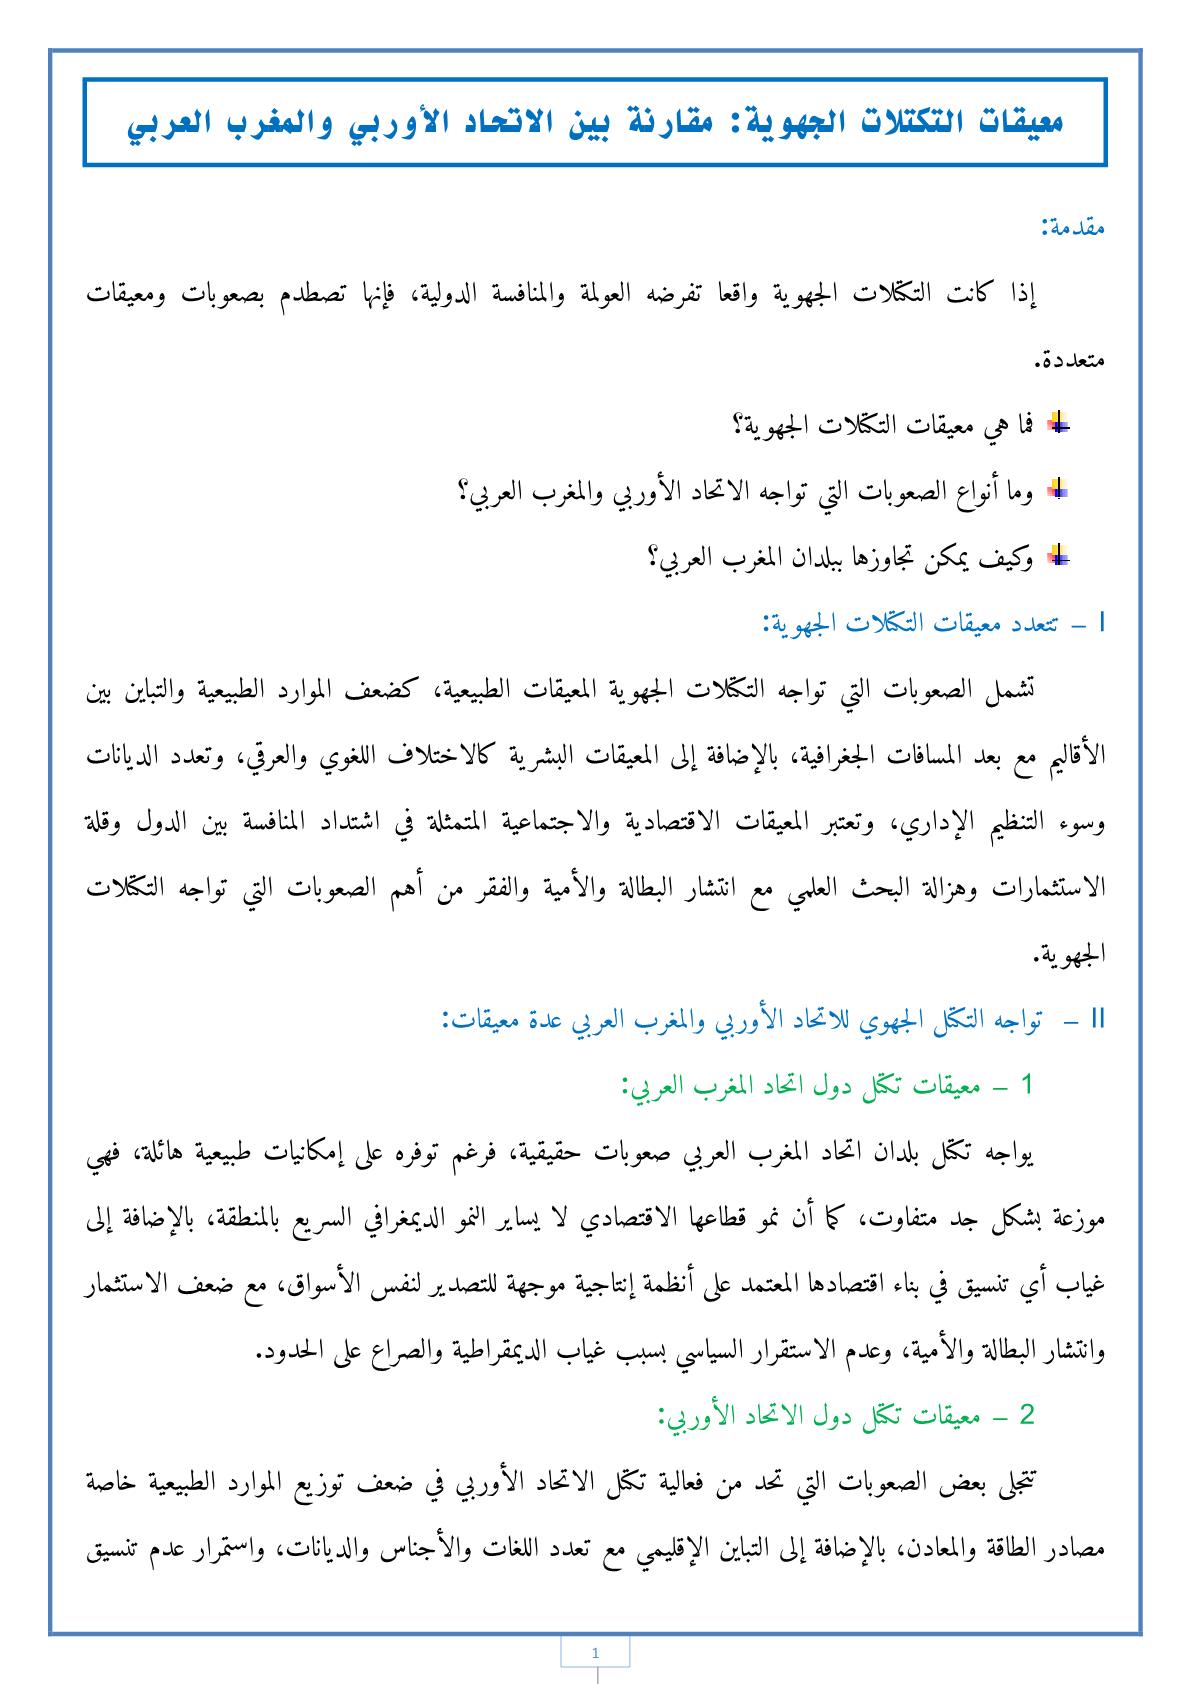 درس معيقات التكتلات الجهوية: مقارنة بين الاتحاد الأوربي والمغرب العربي للثالثة إعدادي